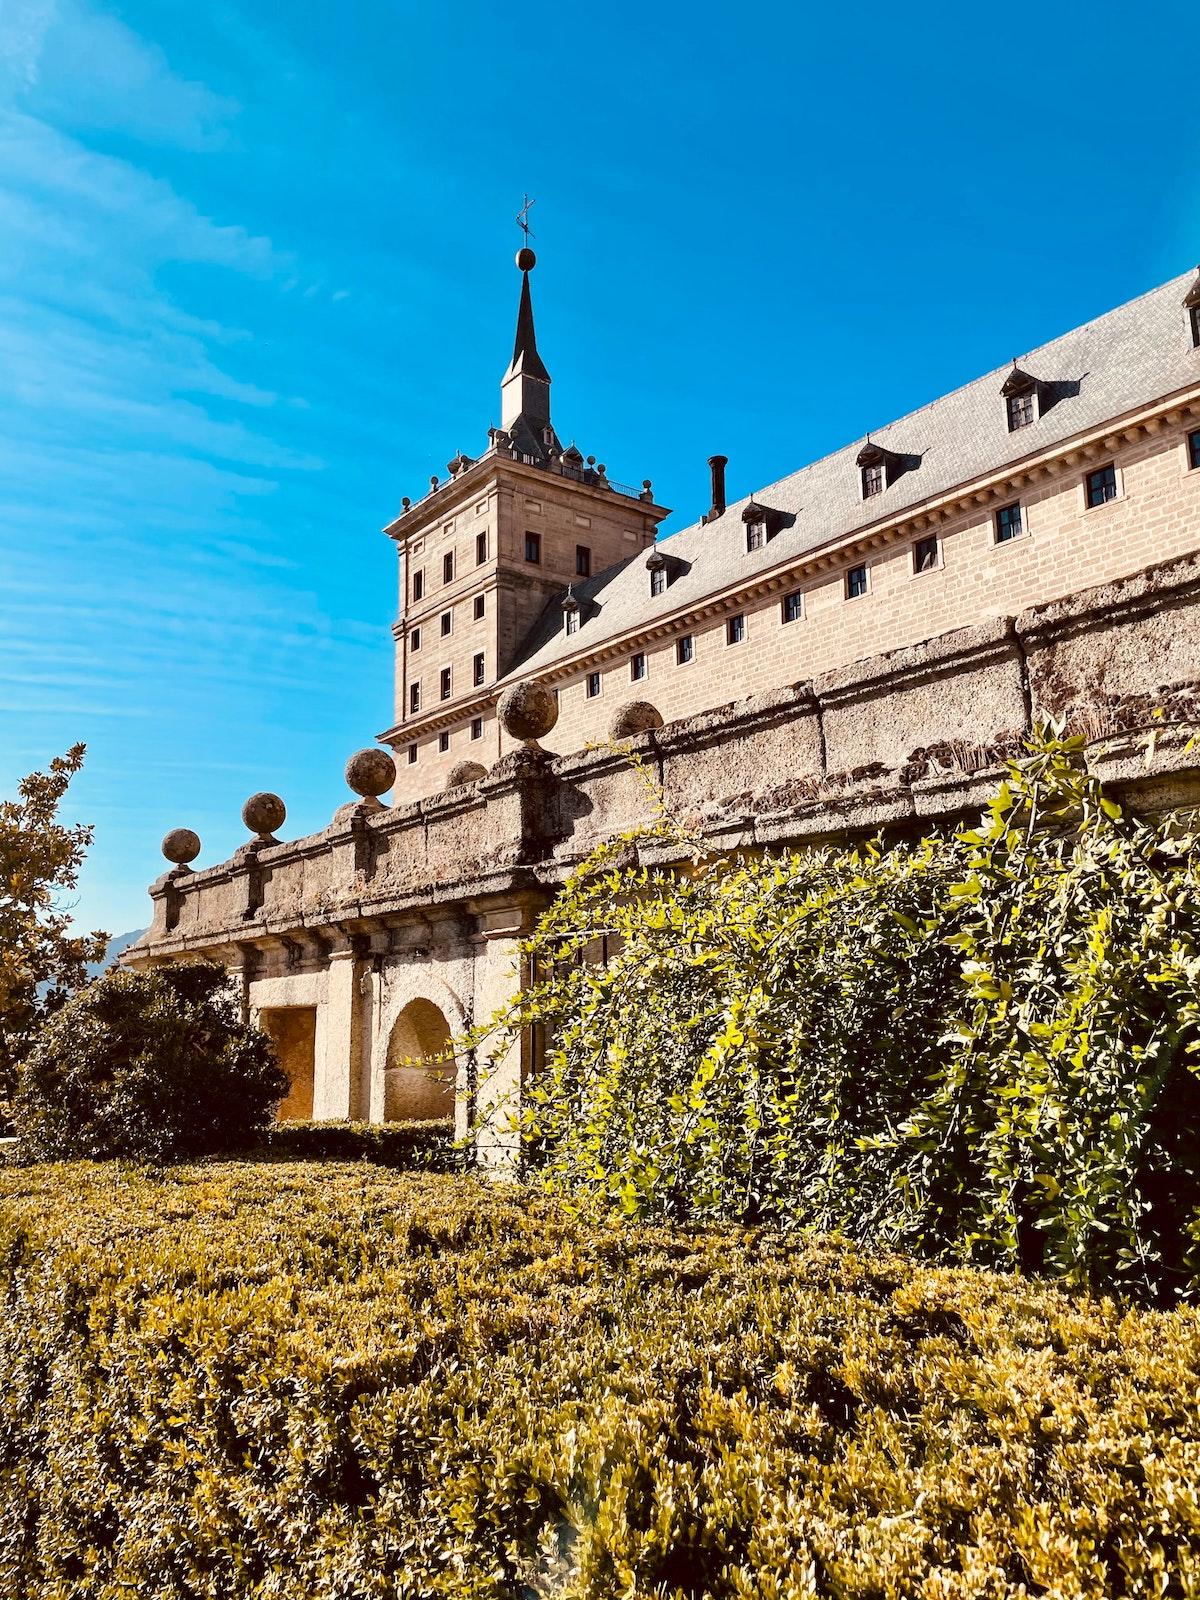 Gran monasterio marrón con una torre de piedra en un día claro.